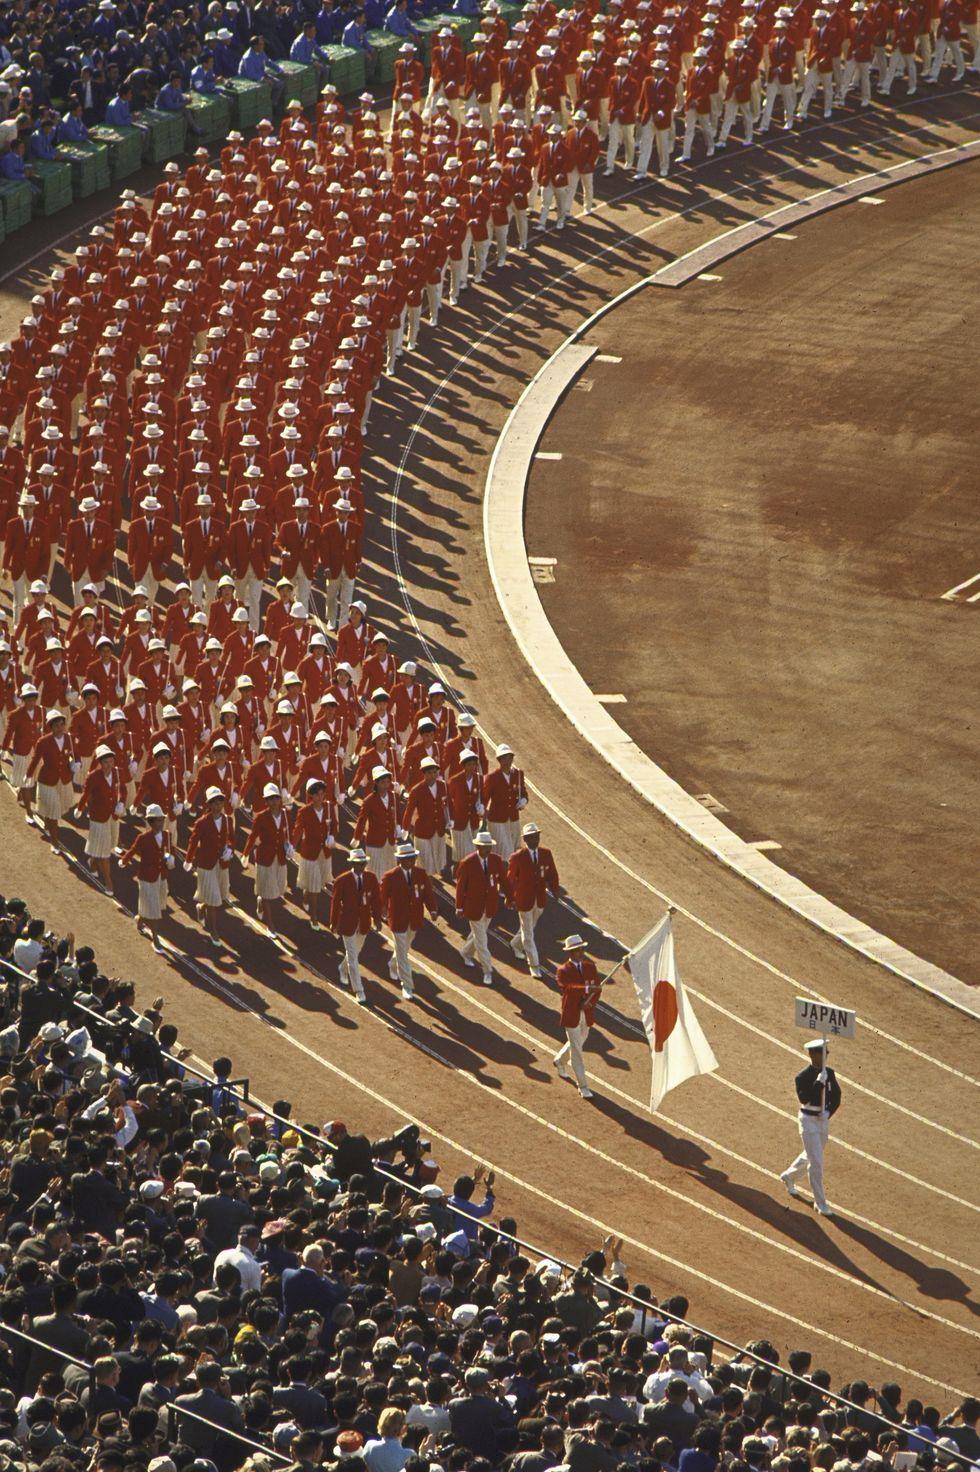 1964: Олимпийците на Япония На откриването през 64-та японските спортисти не остават незабелязани, когато пристигат в цветовете на знамето си - бели панталони и червени блейзъри за всички.